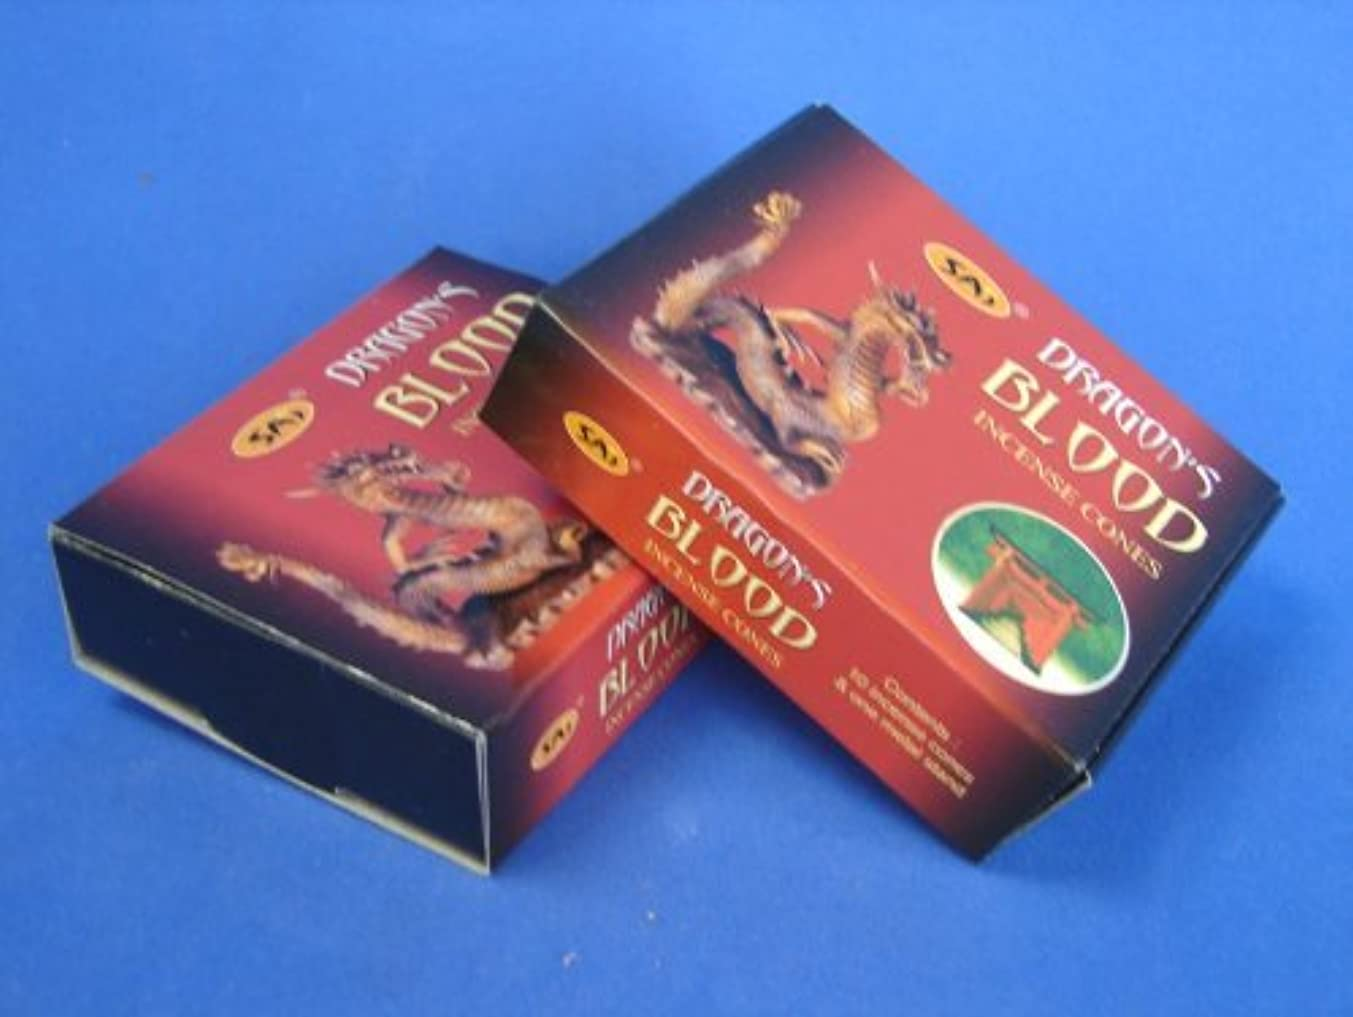 ところで白雪姫援助2 Boxes of Dragon Blood Incense Cones